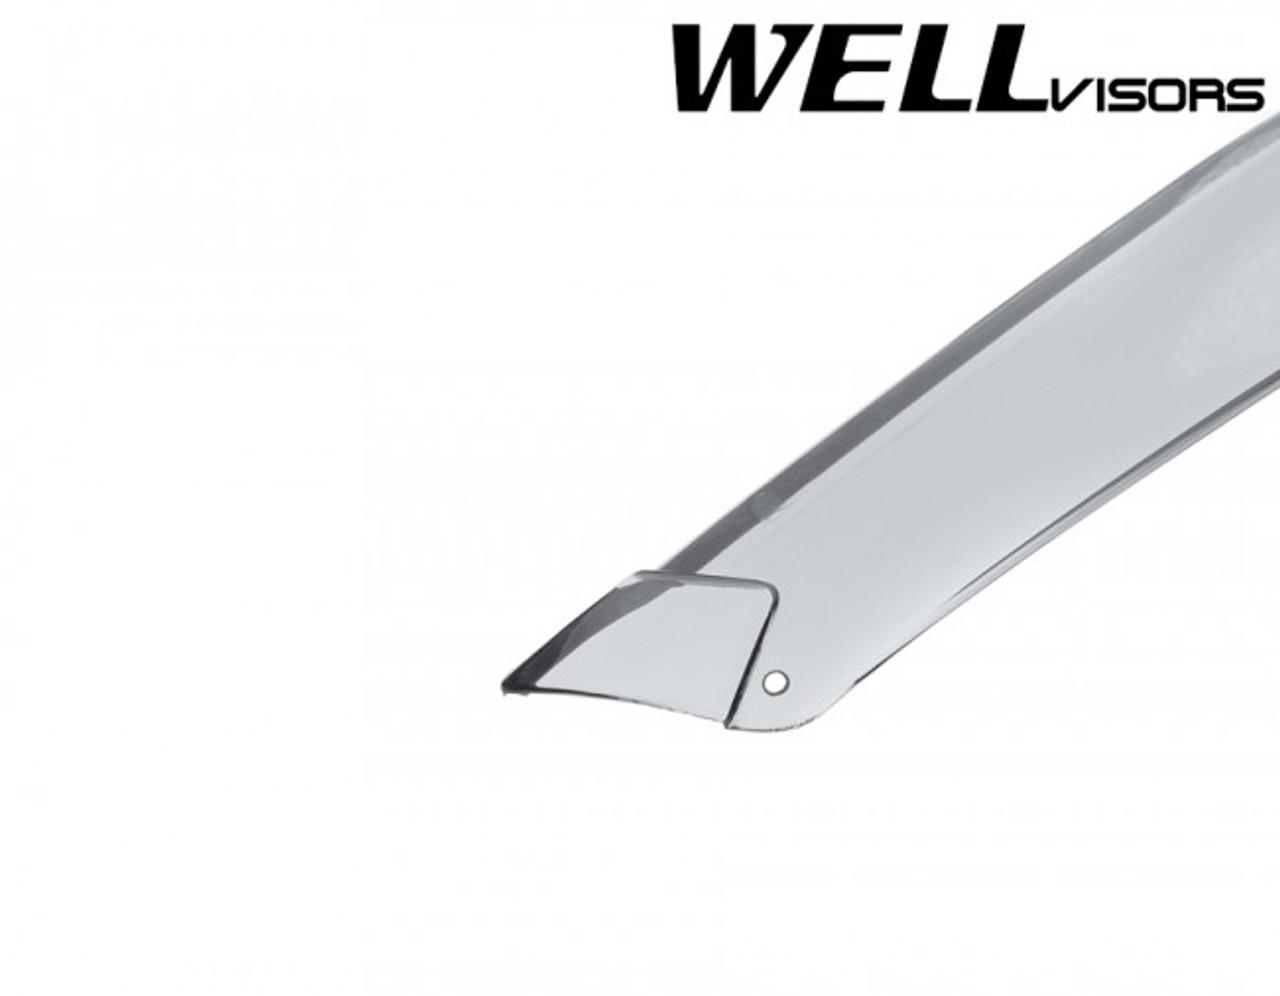 WELLvisors Scion xB 04-07 Side Clip on Window Visors Black